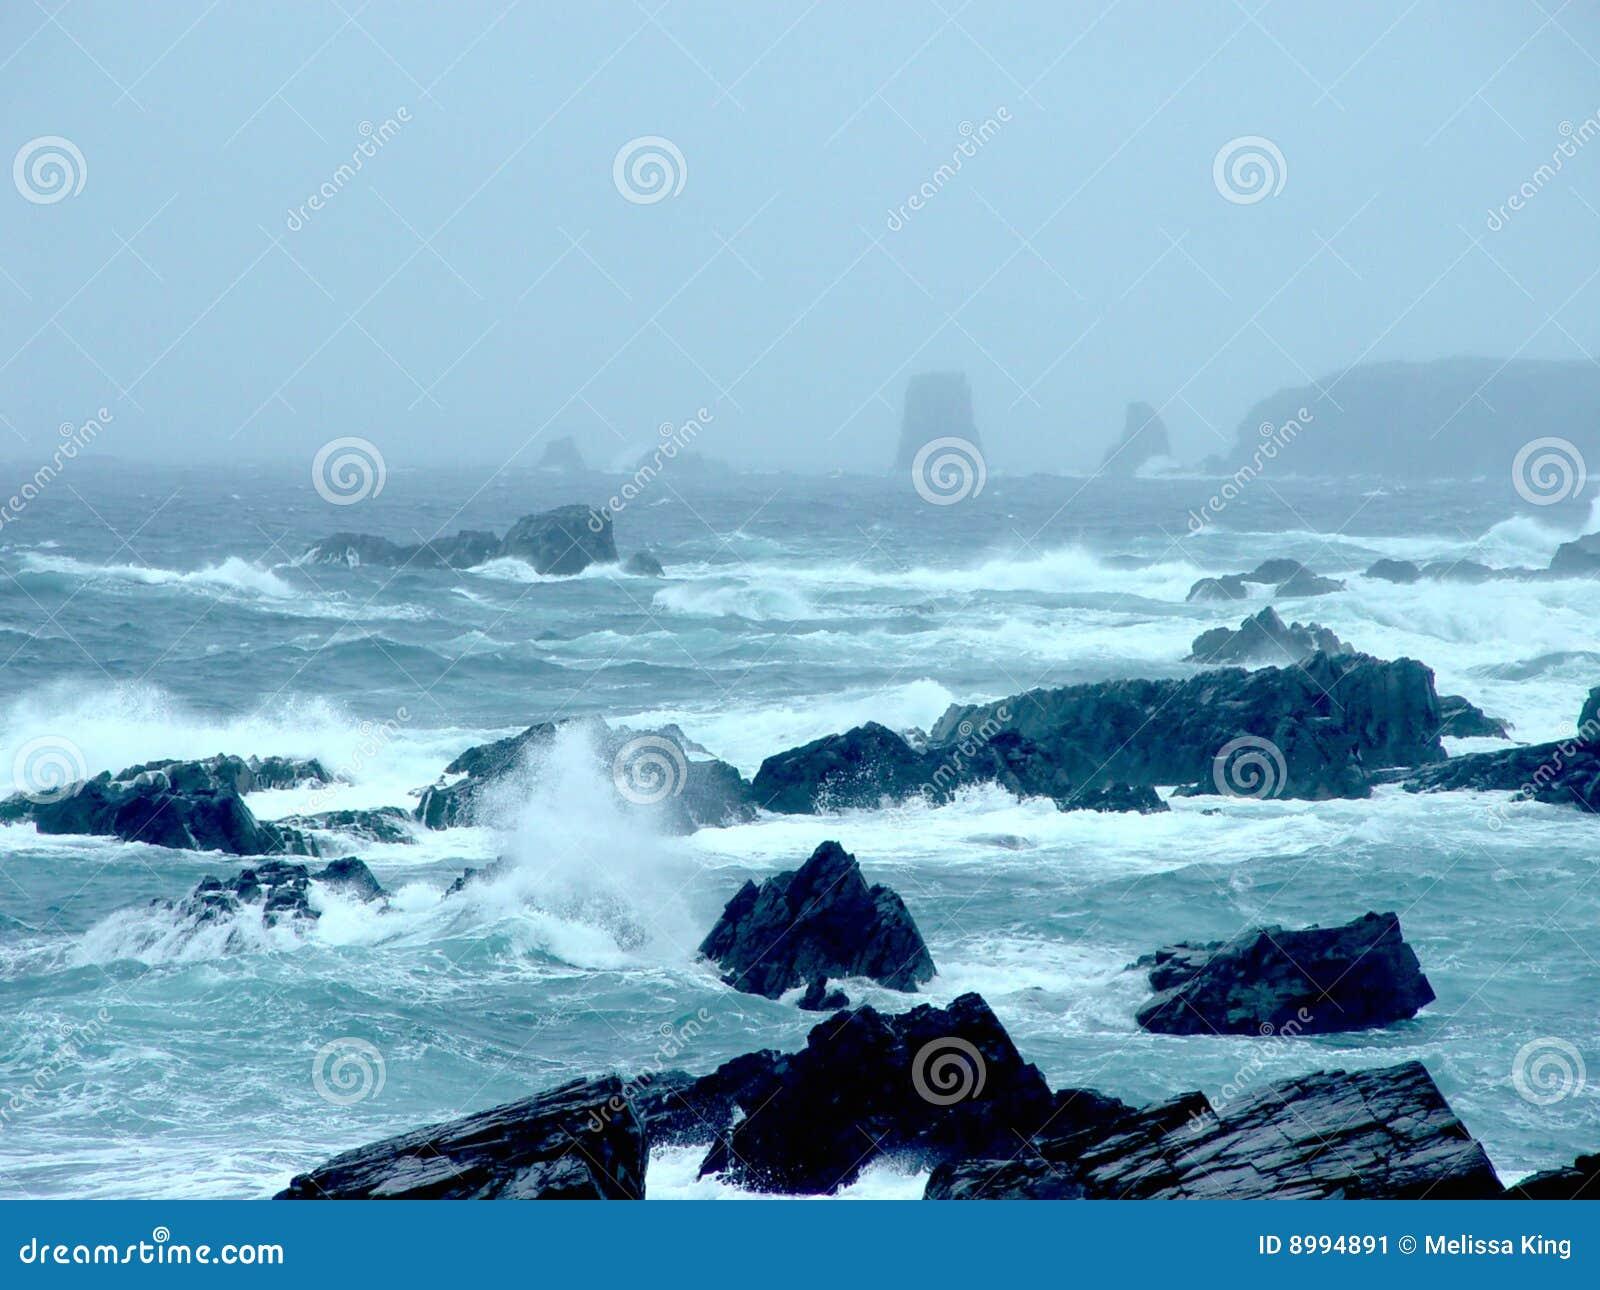 storm in newfoundland ocean stock image image 8994891. Black Bedroom Furniture Sets. Home Design Ideas